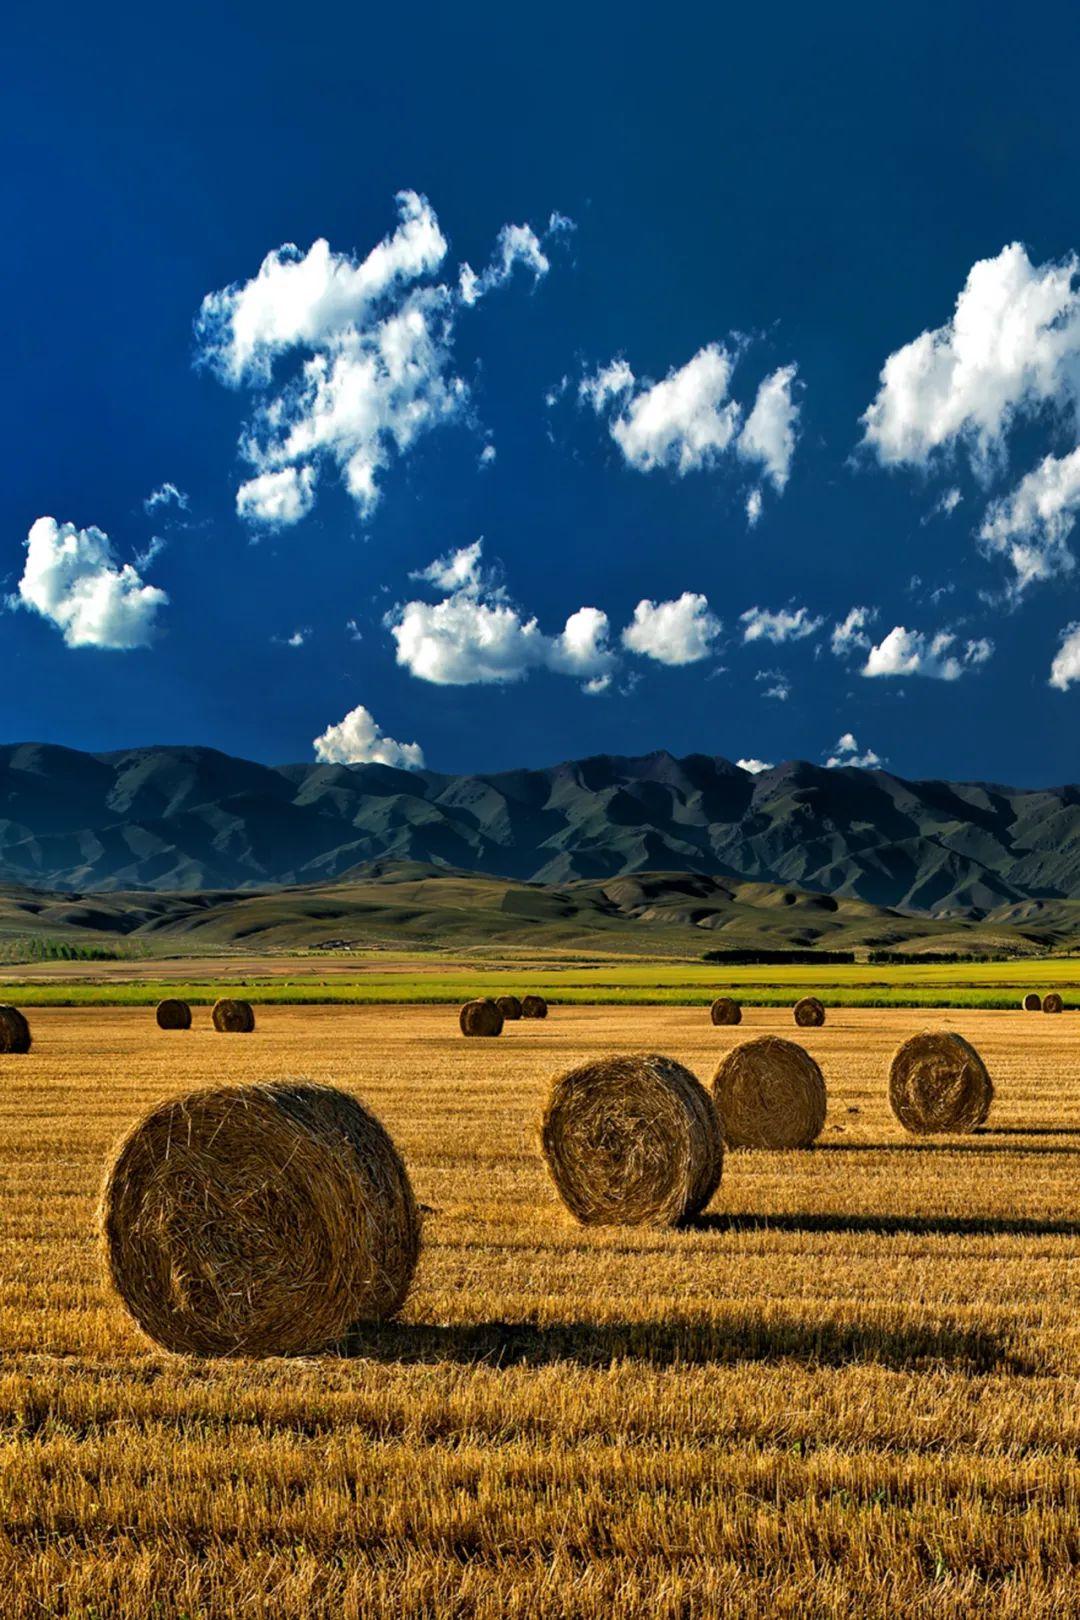 ▲ 丰收时节,金黄的麦田延伸向远方。摄影/赖宇宁